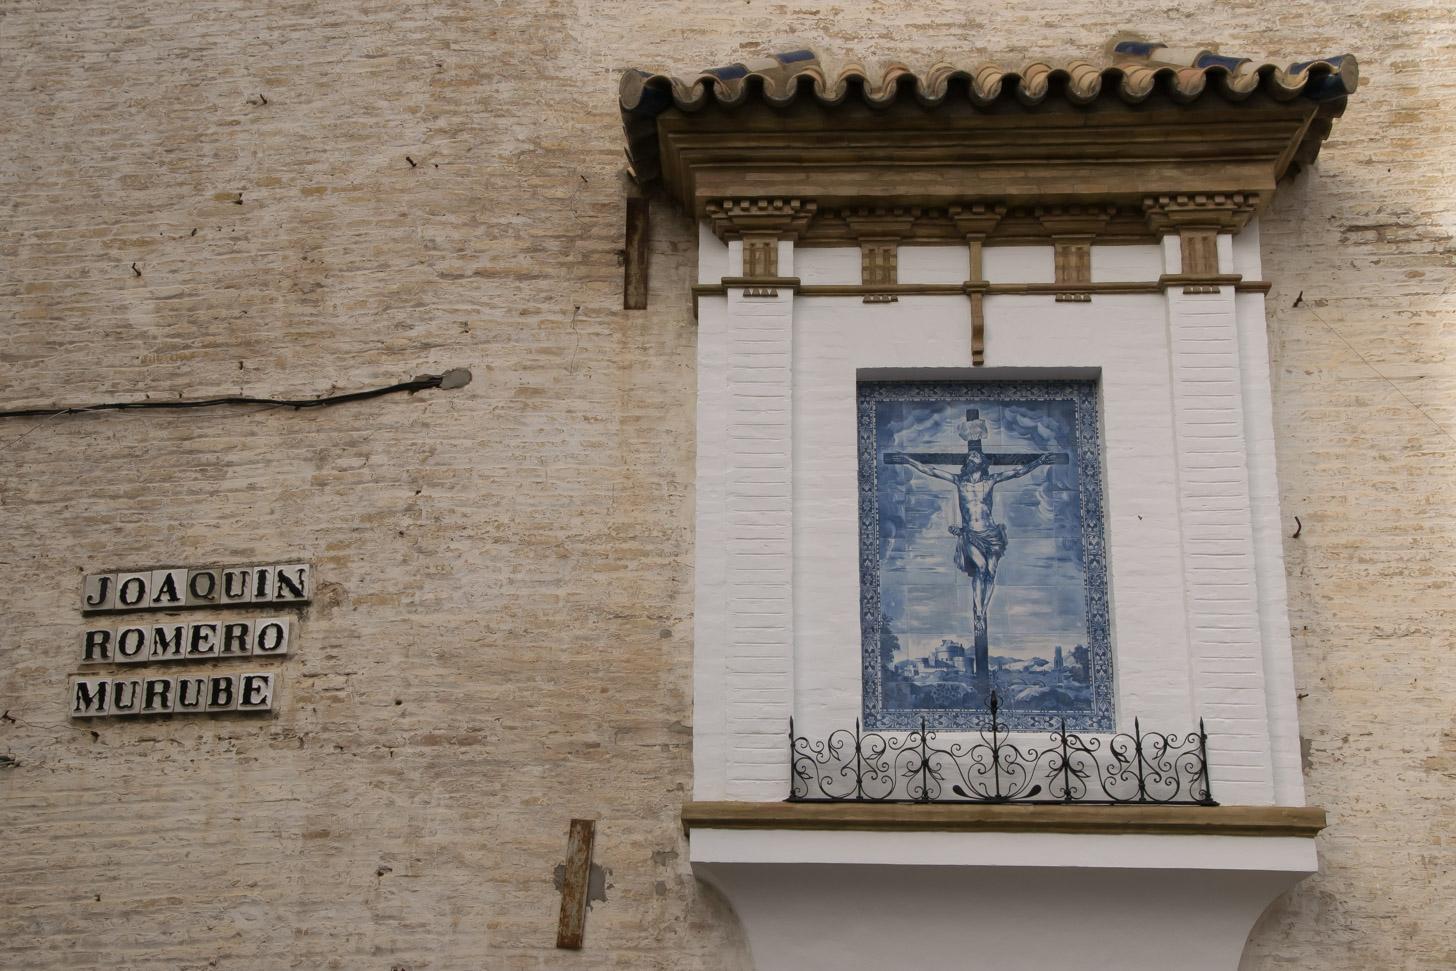 een voorbeeld van hoe azulejos in het straatbeeld verwerkt zijn